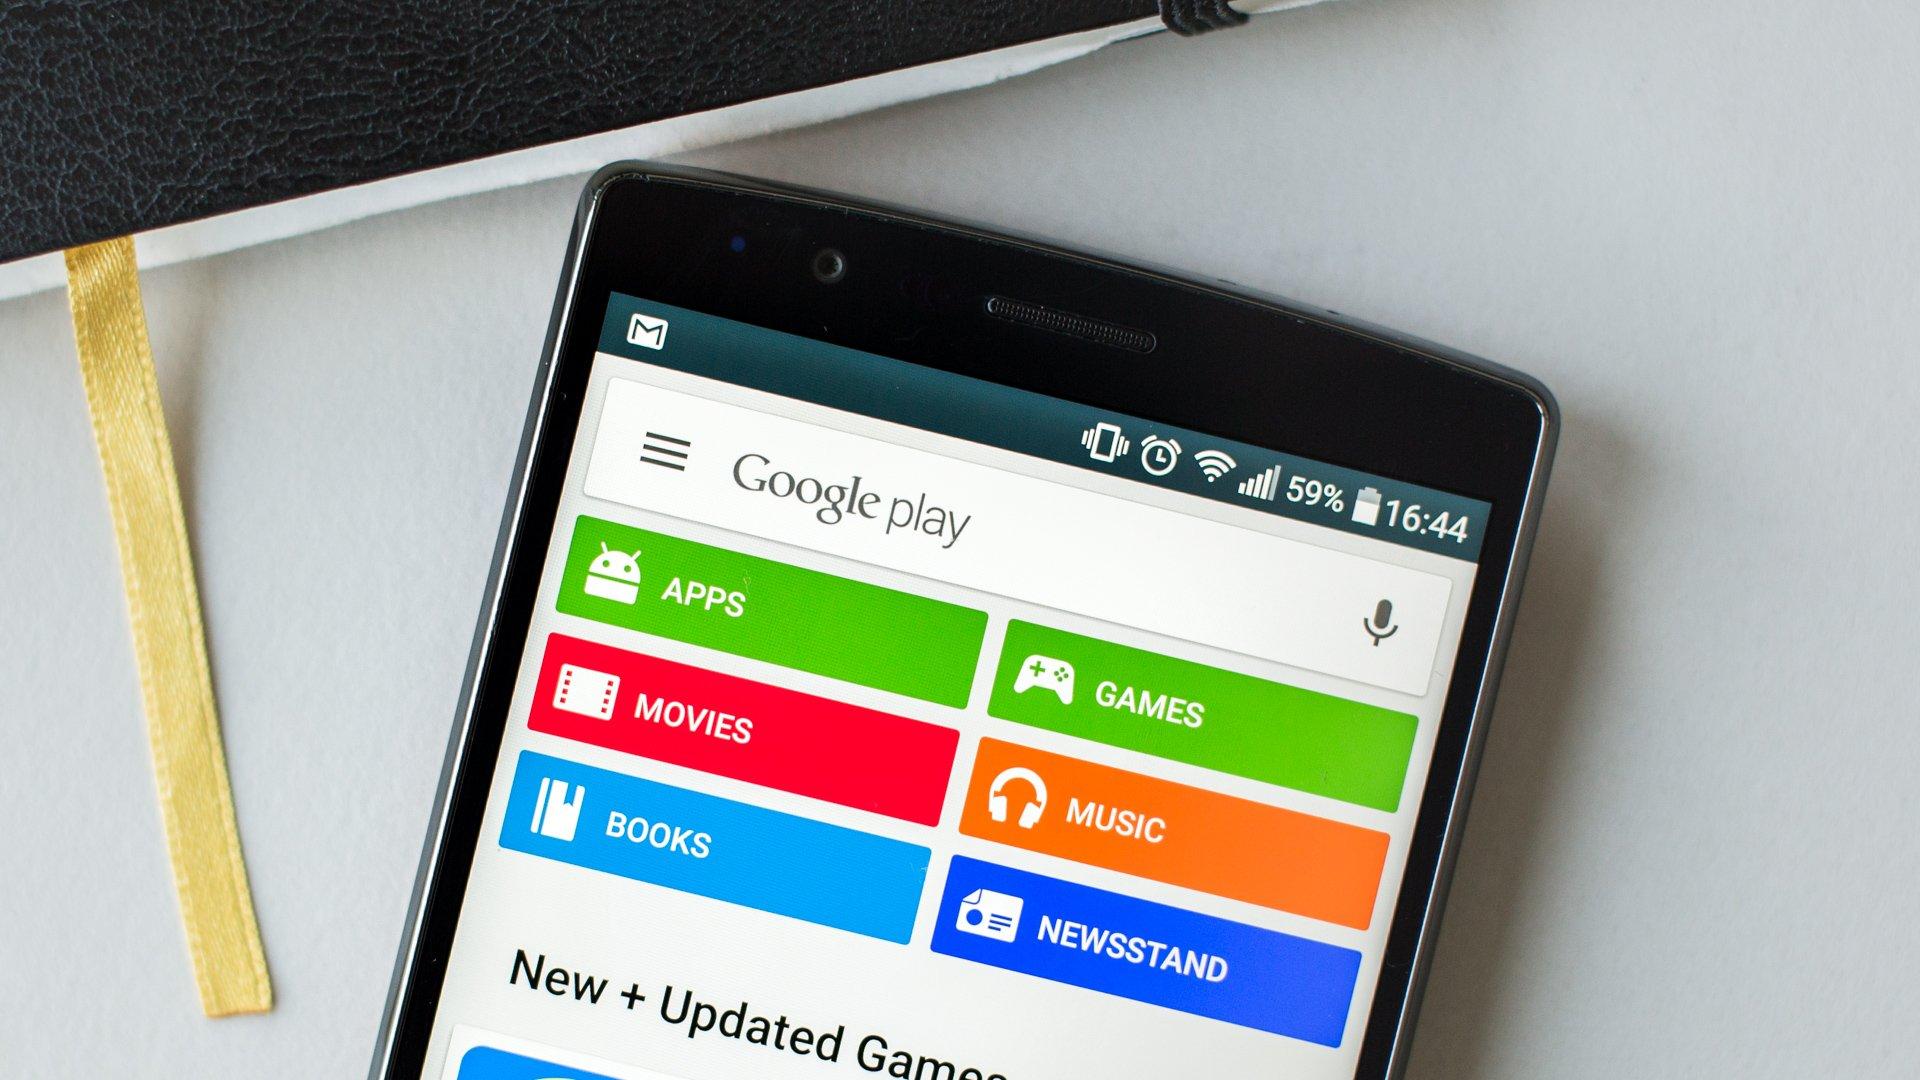 descargar, instalar y actualizar google play store